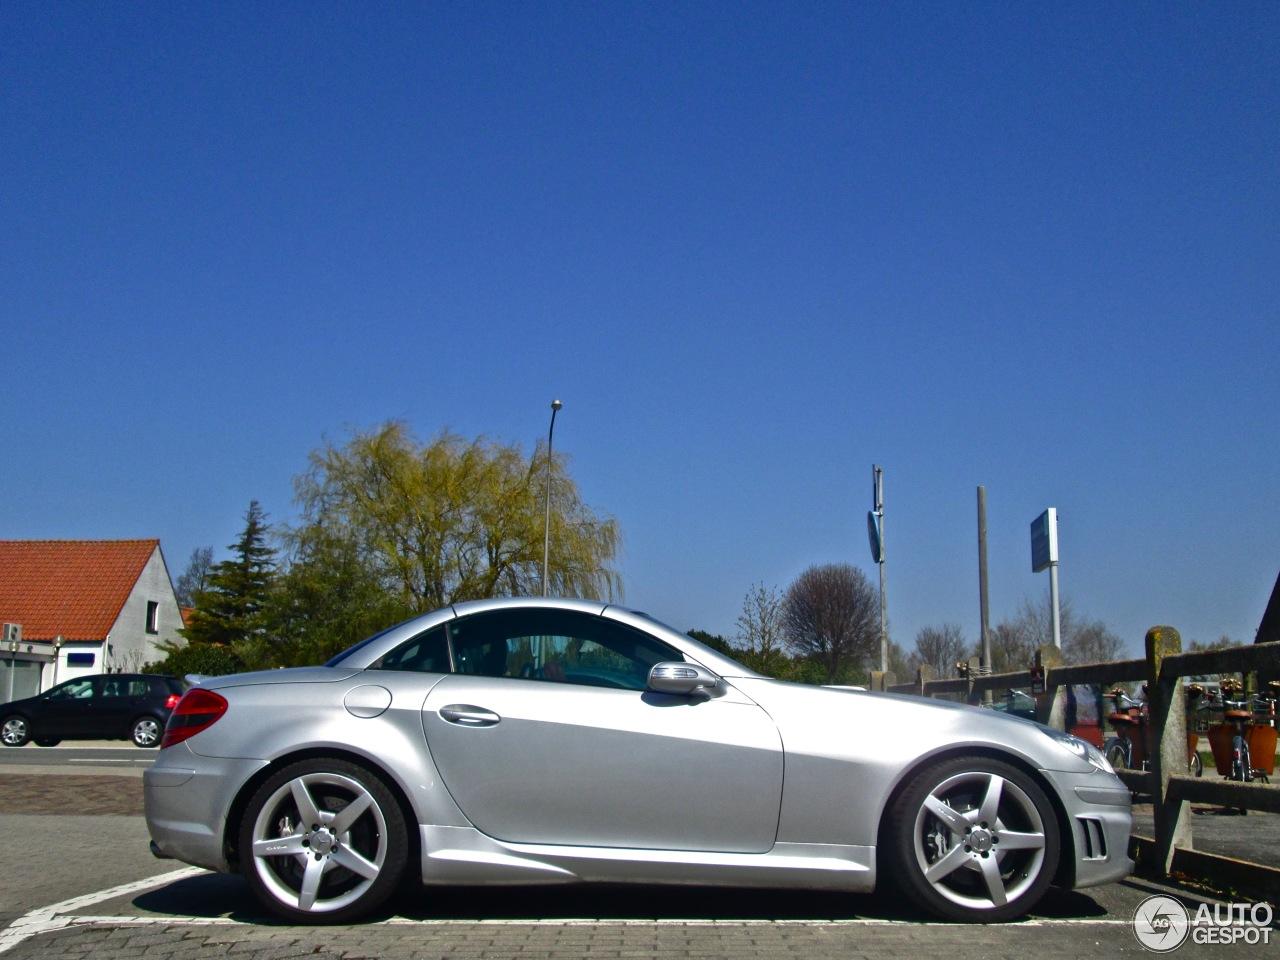 Mercedes benz slk 55 amg r171 30 april 2013 autogespot for 2013 mercedes benz slk 250 price